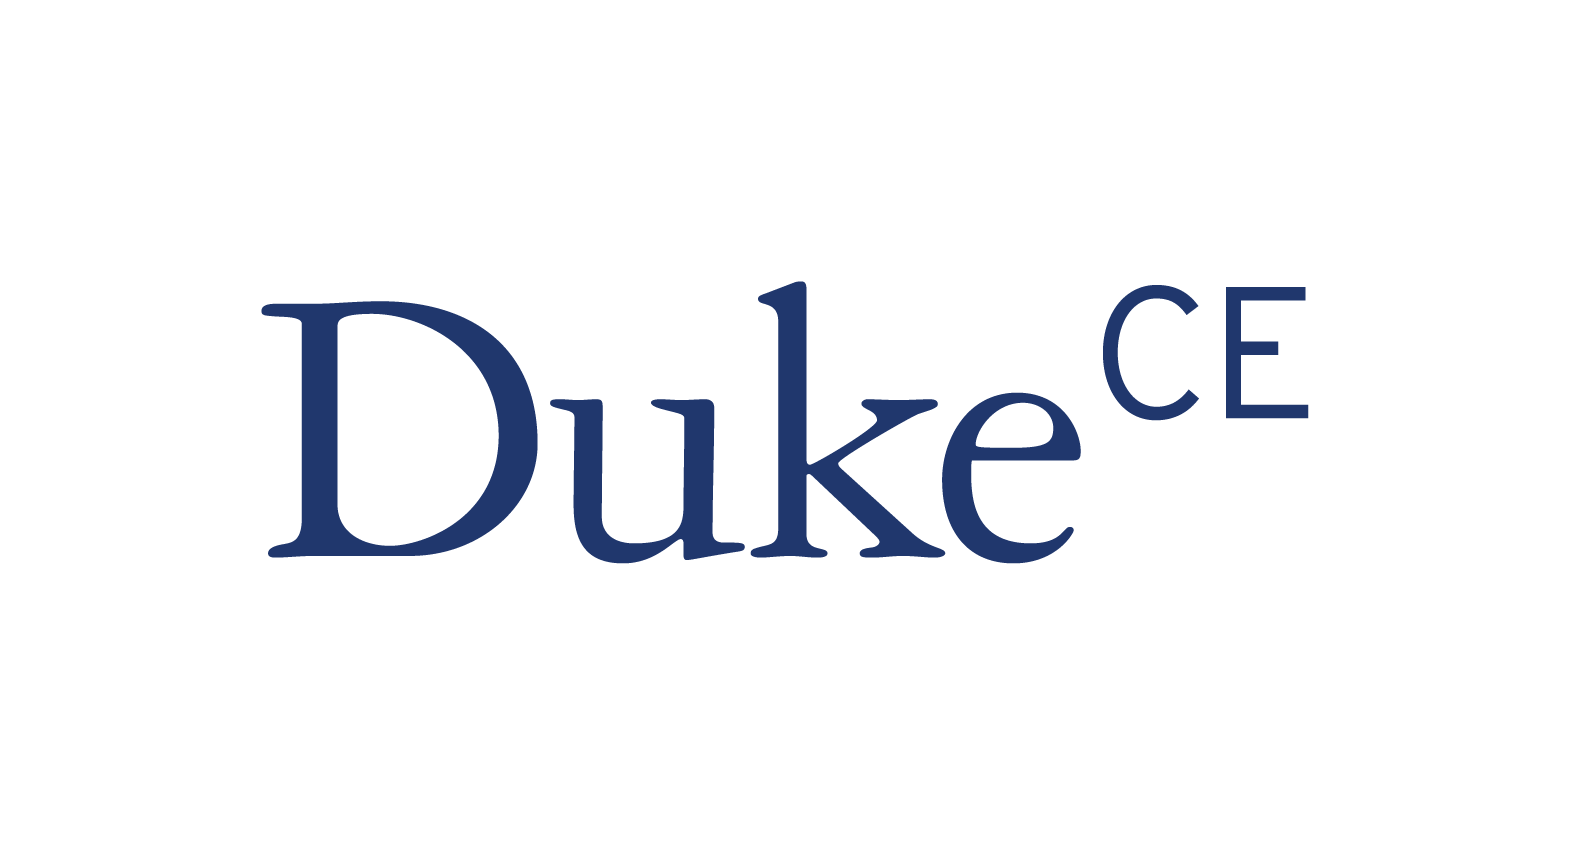 Logo_DukeCE.png